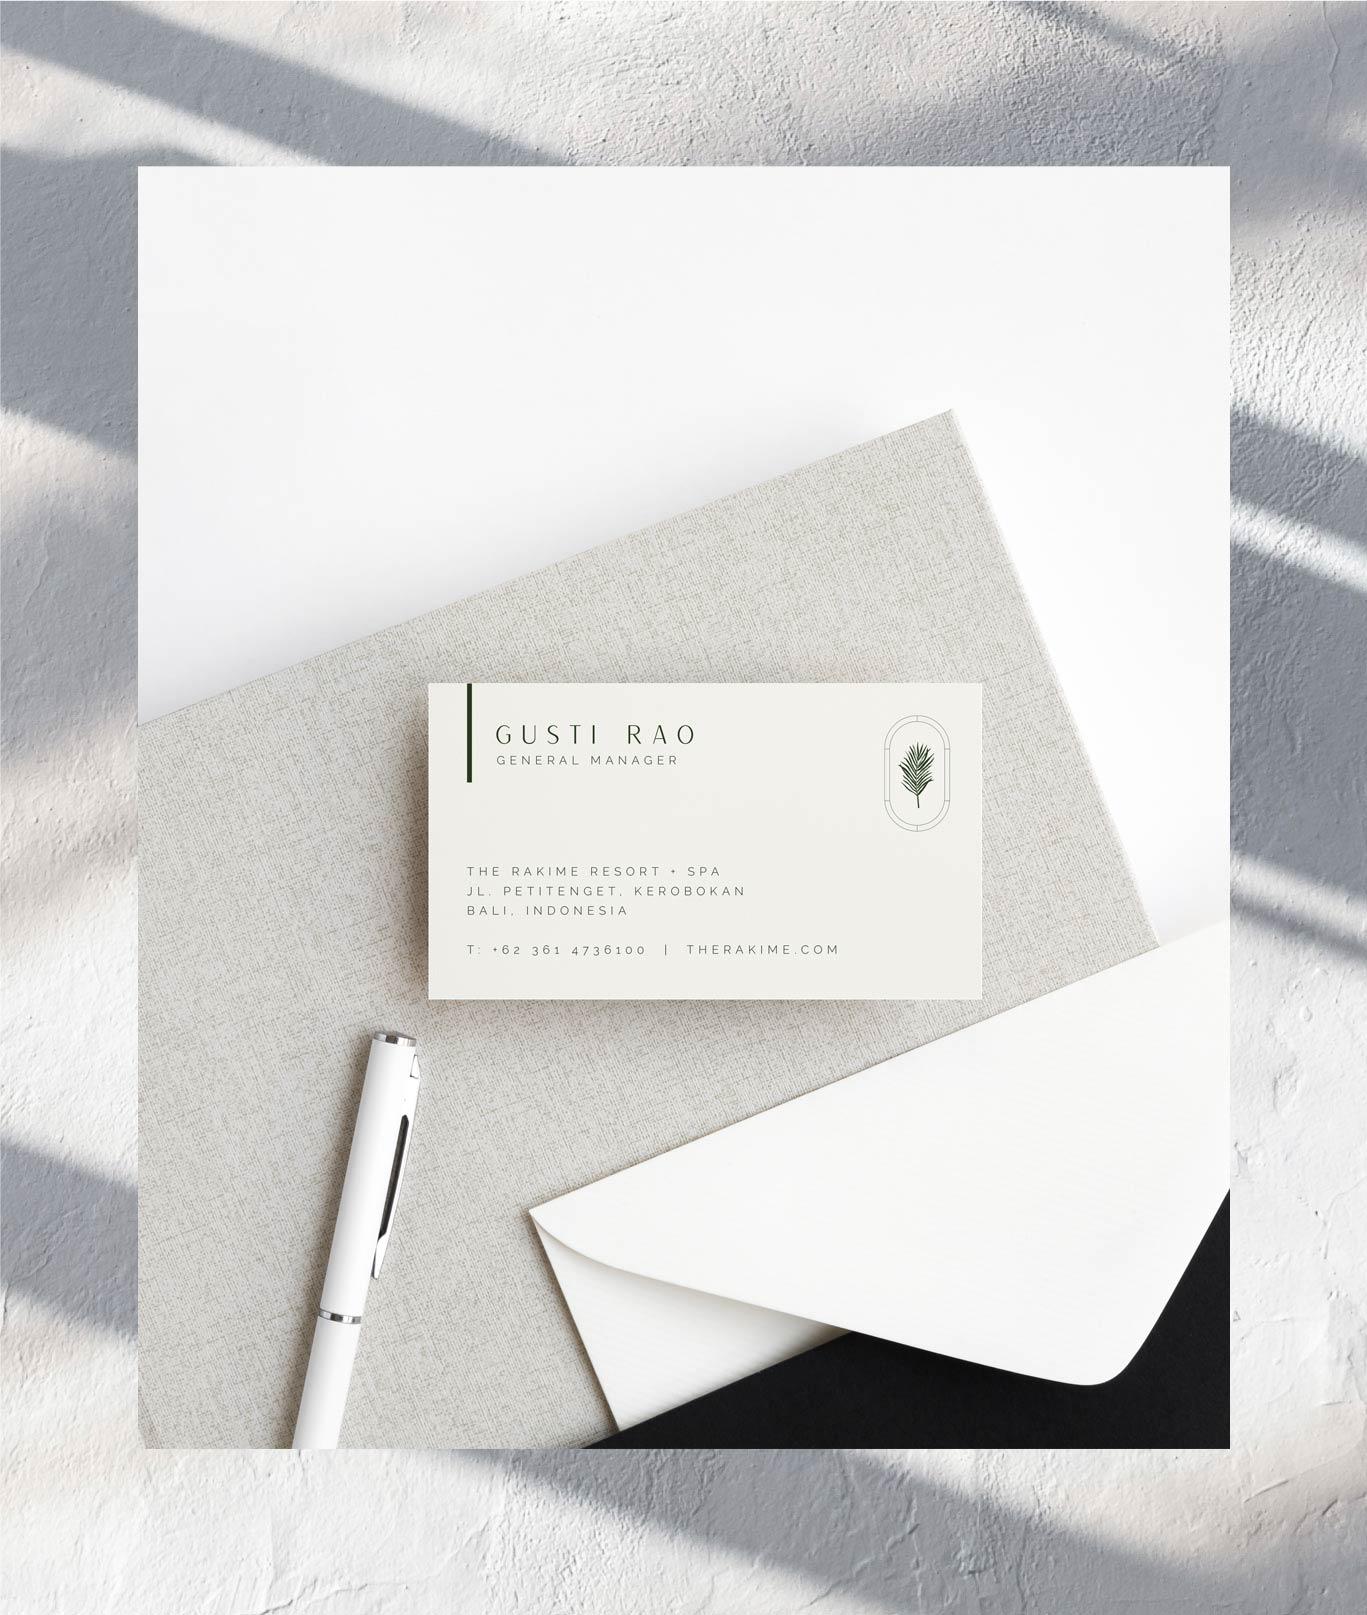 Studio Jazeena Brand Design